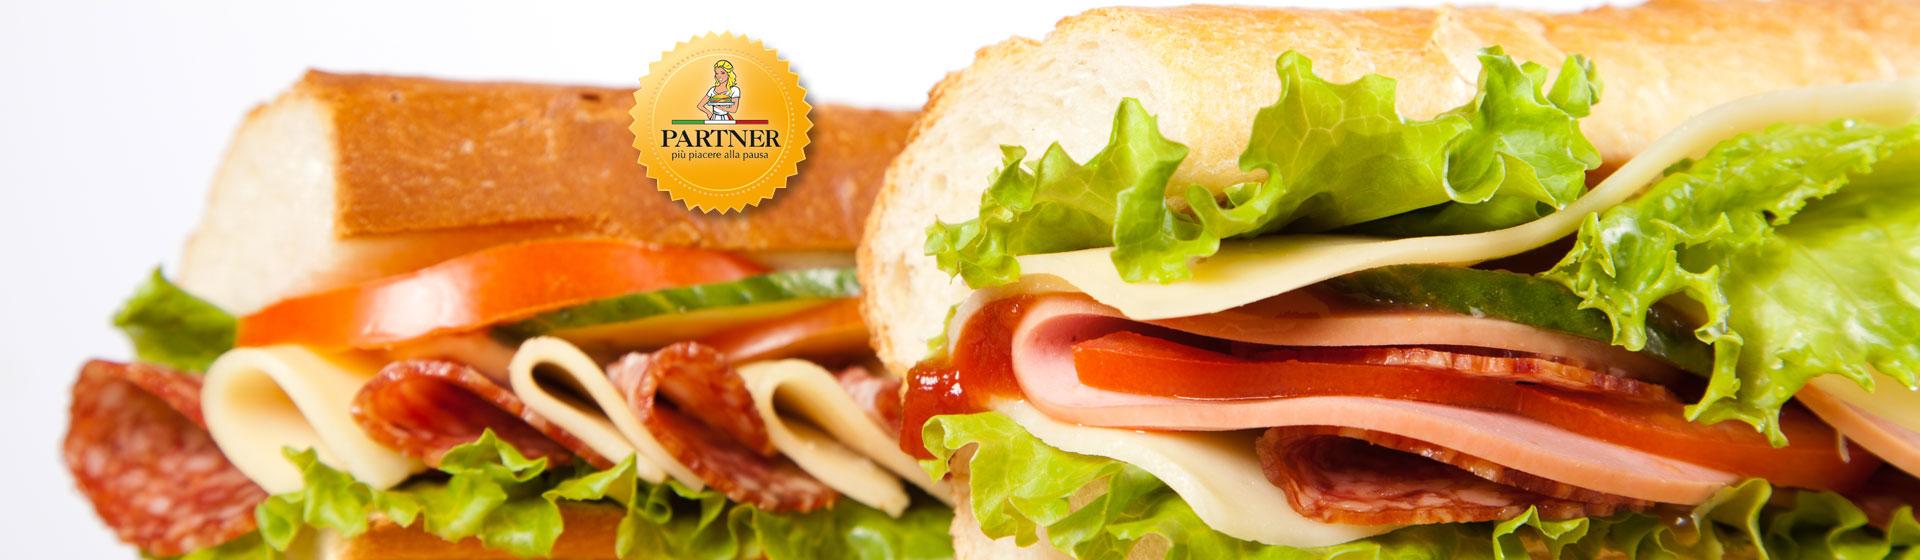 partner_snack_banner